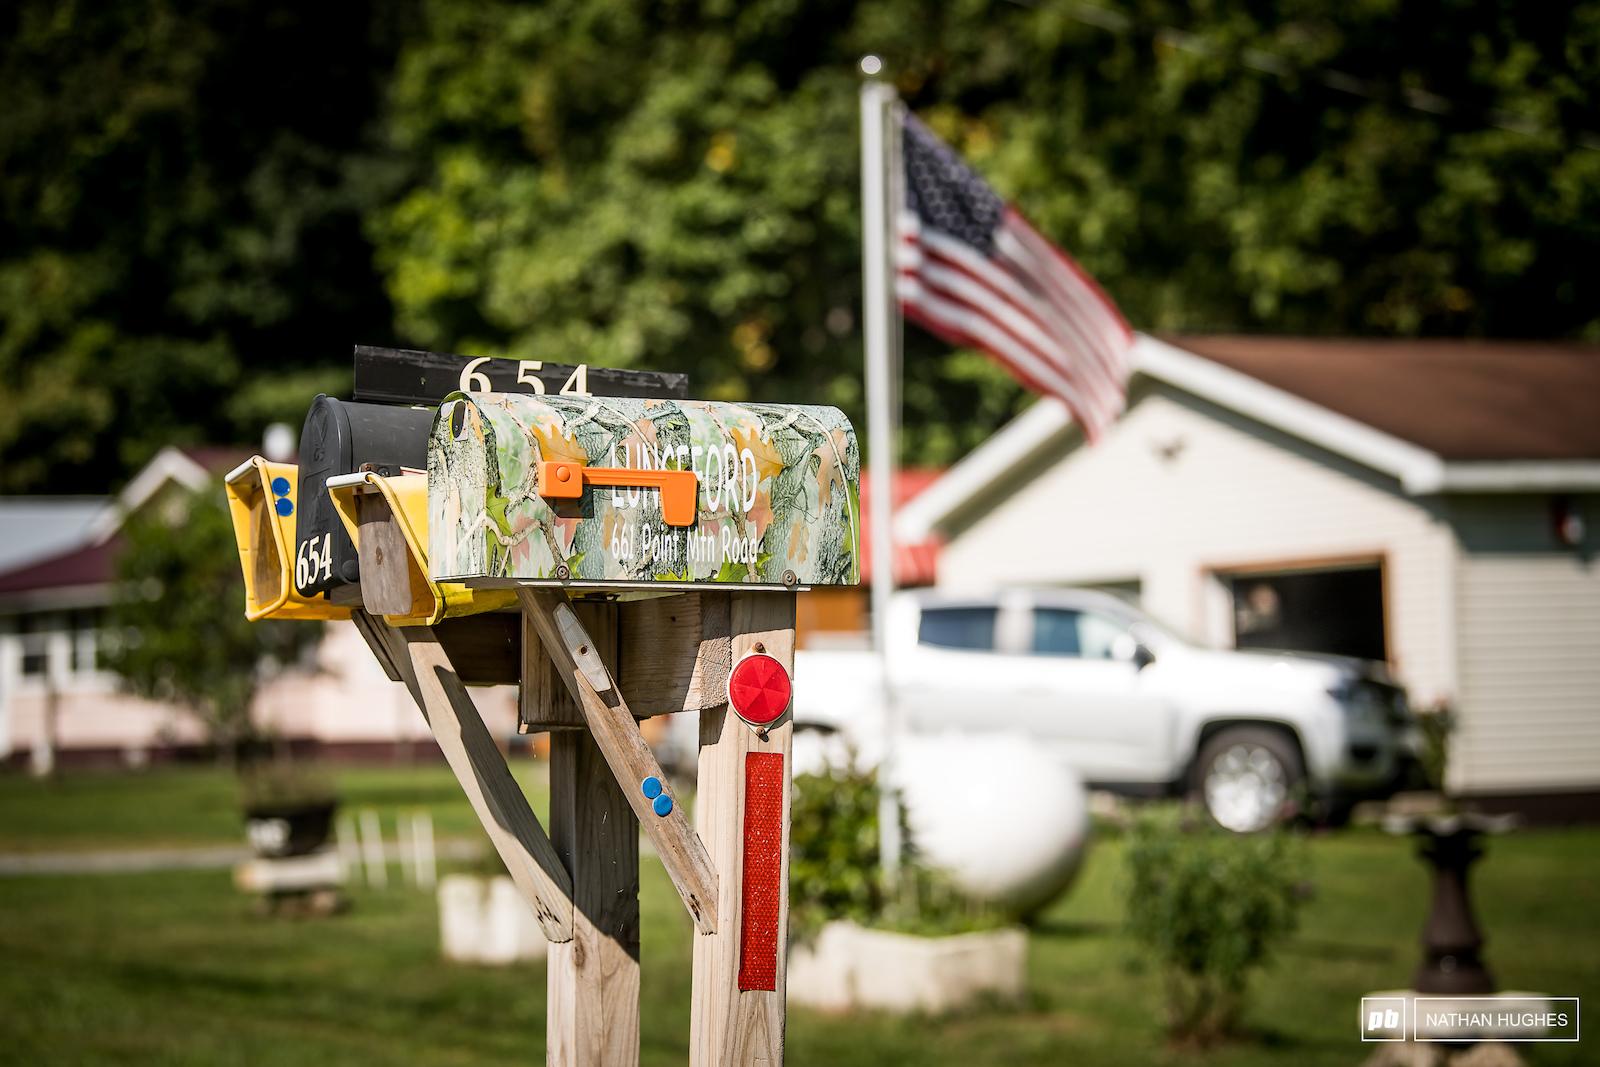 All American neighbourhood mailbox flag truck combo.